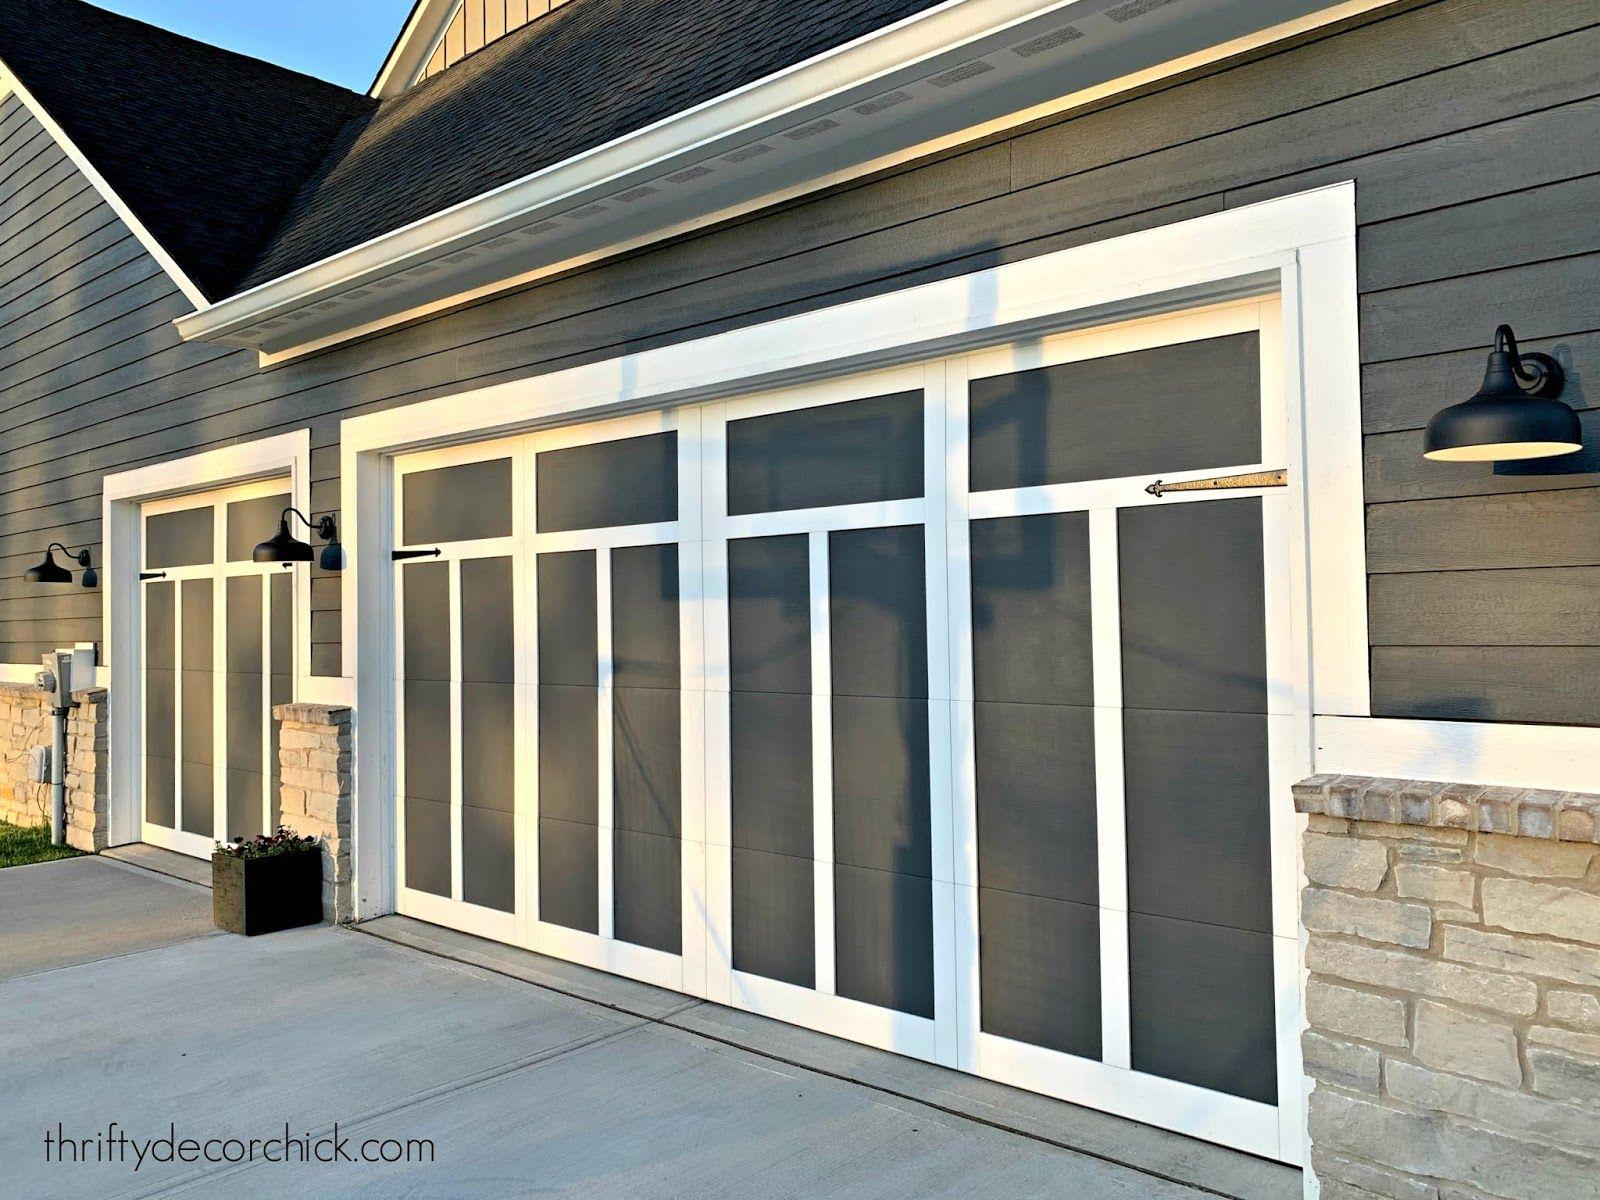 Easy Garage Door Updates That Add Tons Of Character In 2020 Garage Door Update Garage Doors Garage Door Design